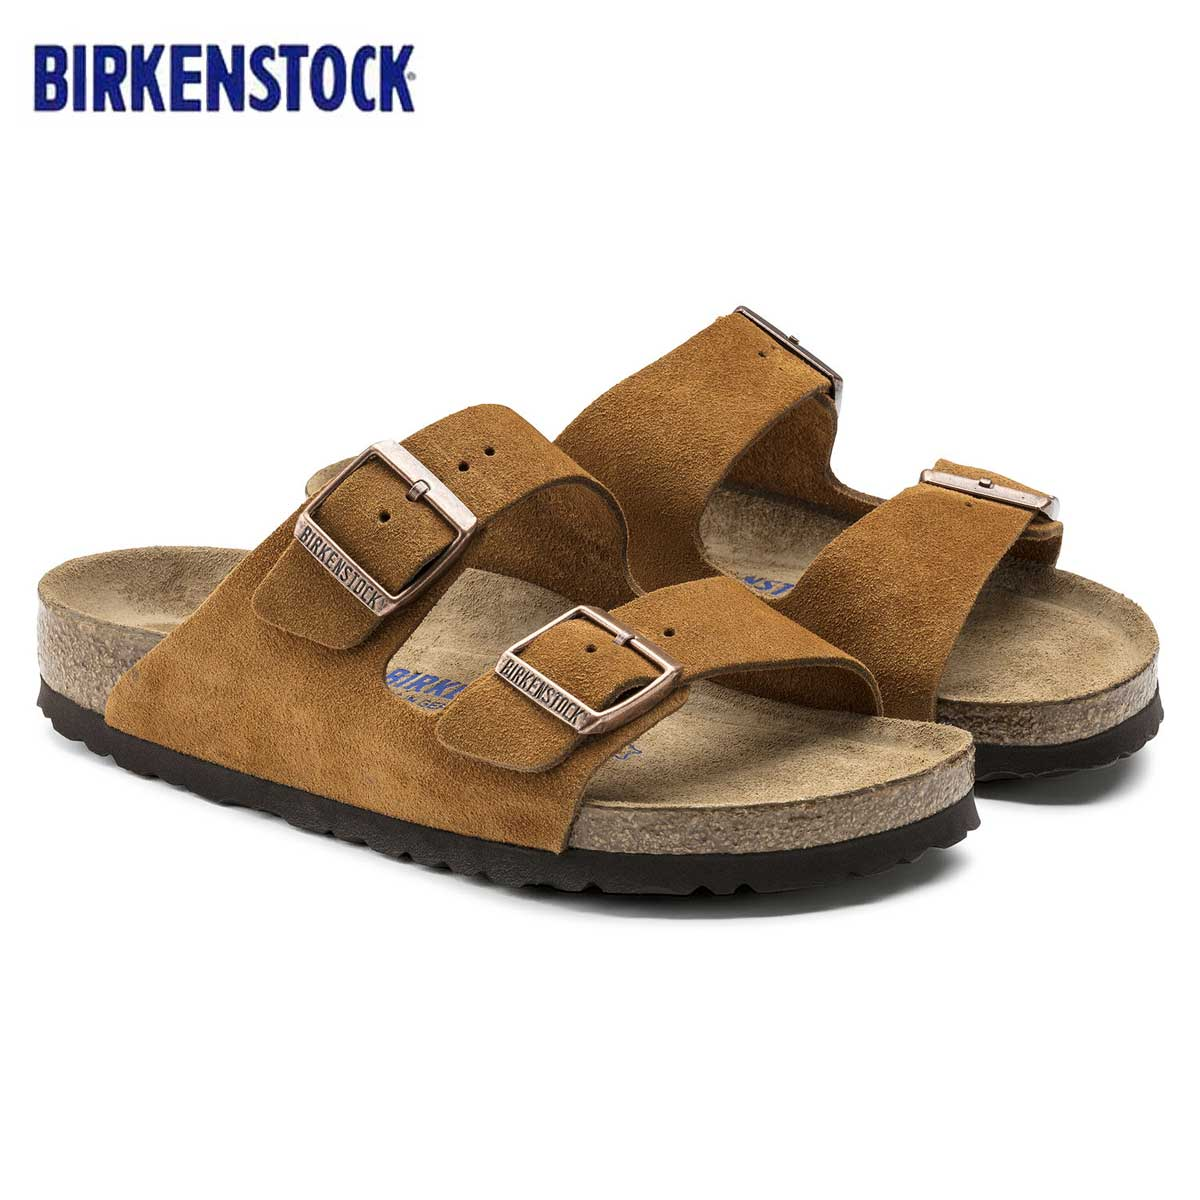 BIRKENSTOCK ビルケンシュトック ARIZONA(アリゾナ)GC 1009527 ミンク(スエードレザー)(レディース サンダル)「正規輸入品」ドイツ生まれの快適サンダル「靴」